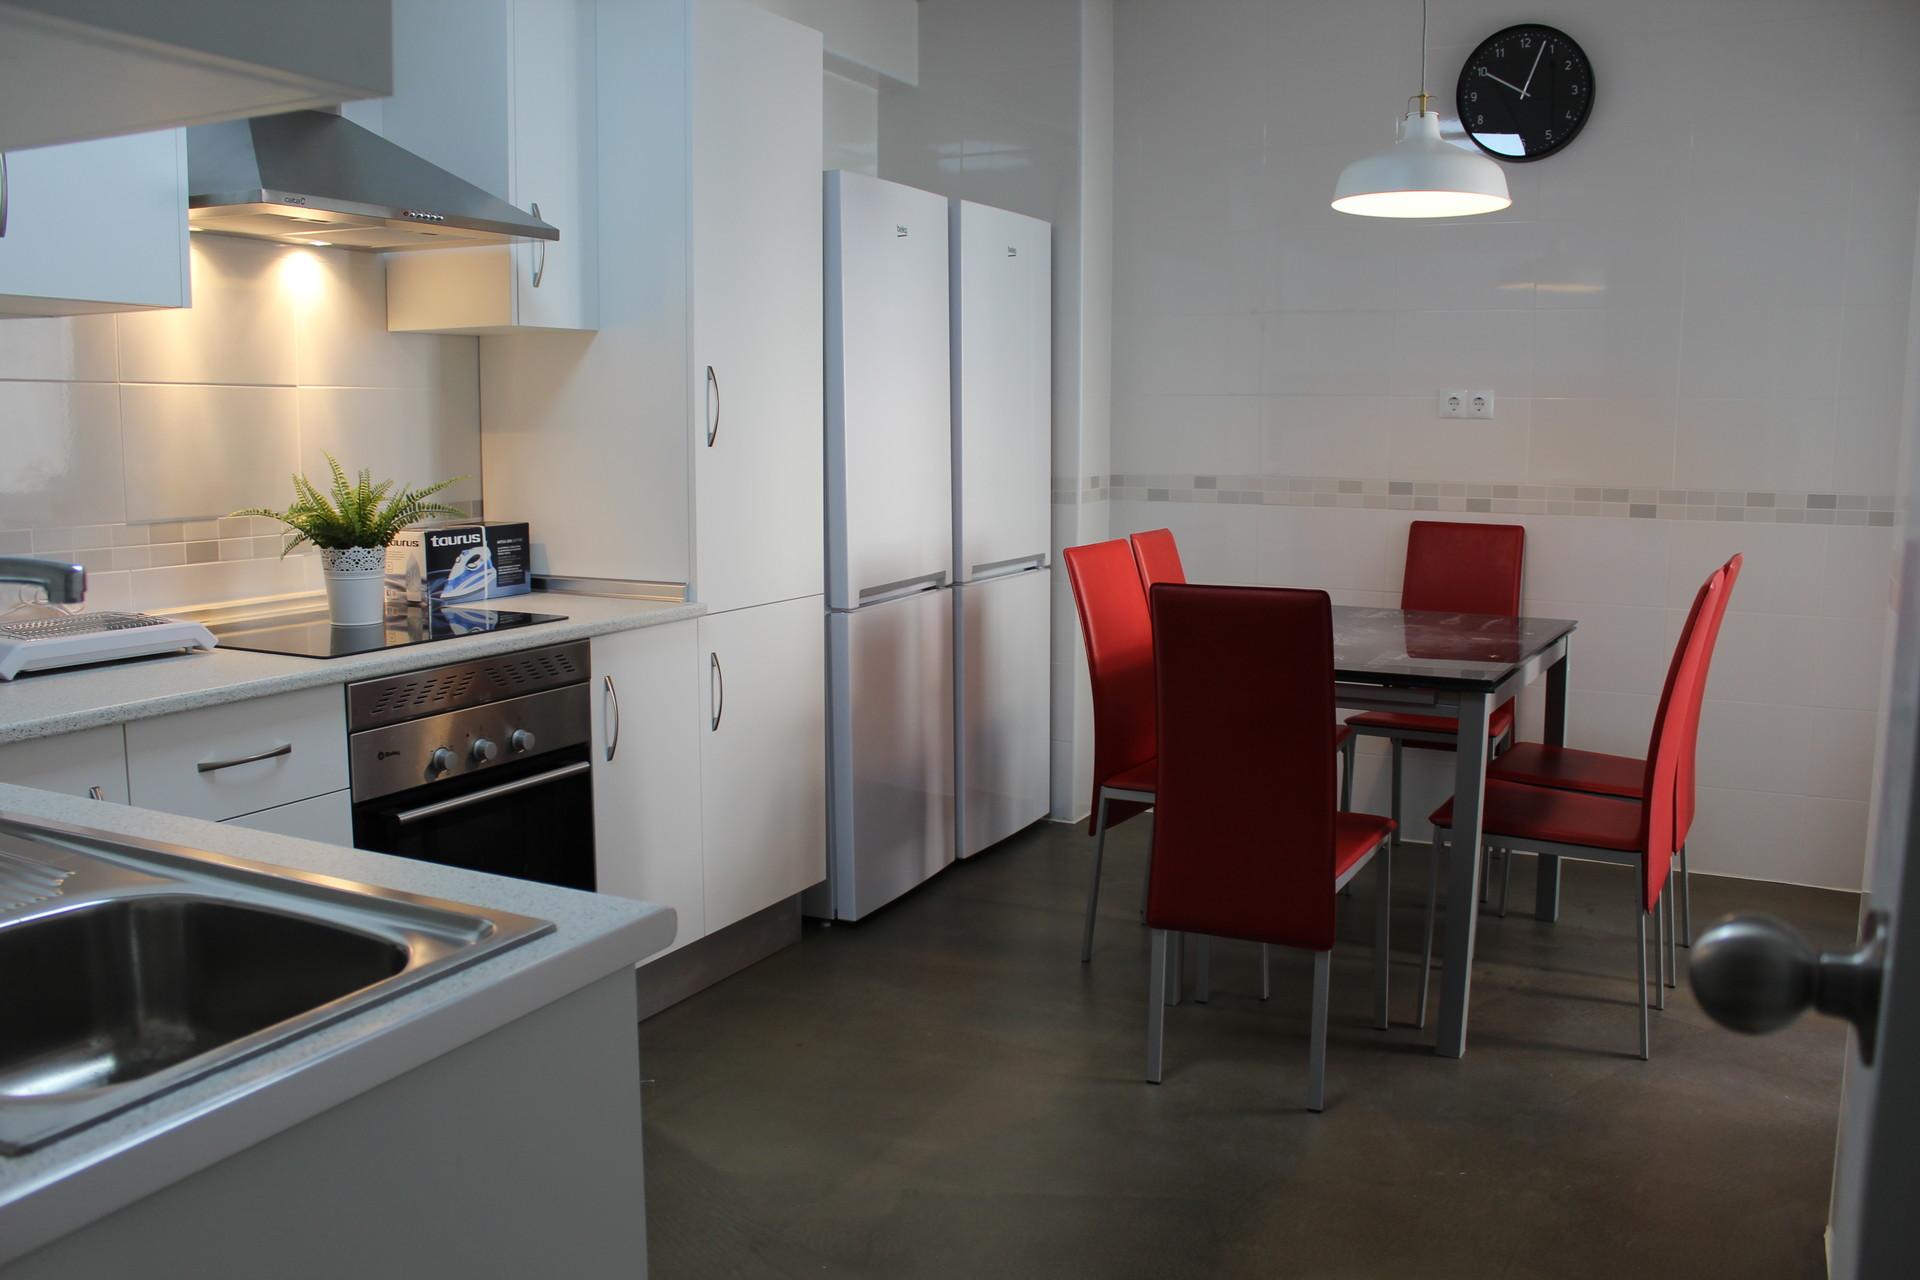 Habitación en alquiler en MURCIA baño privado | Alquiler ...